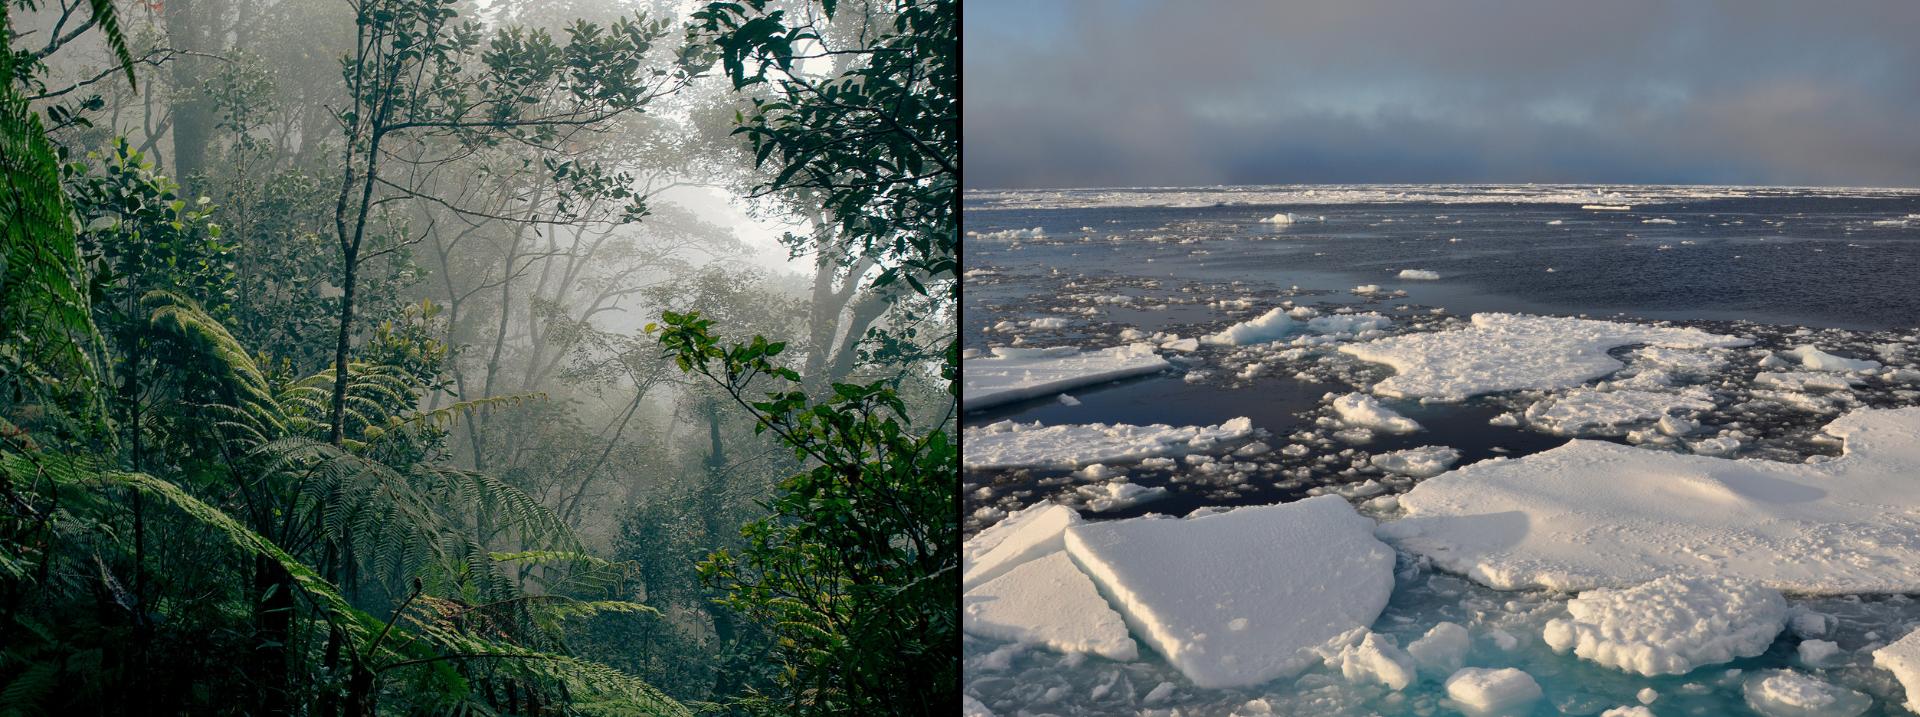 Gęsty las równikowy na Malajach wklimacie gorącym iwilgotnym; Pokryte lodem wybrzeża Oceanu Arktycznego wklimacie polarnym